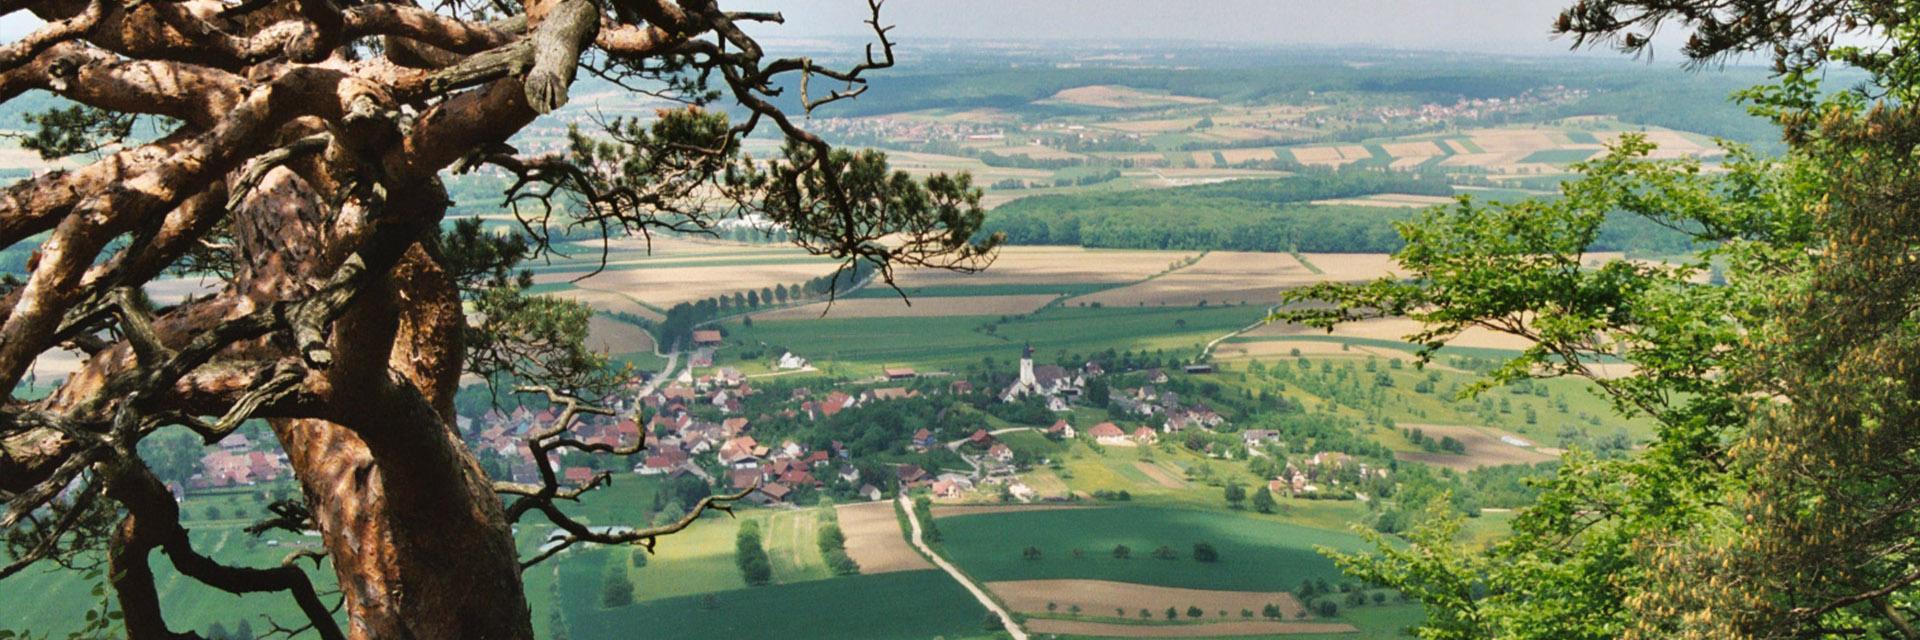 Village_club_vacances_alsace-relais-saint-bernard-nature-vue